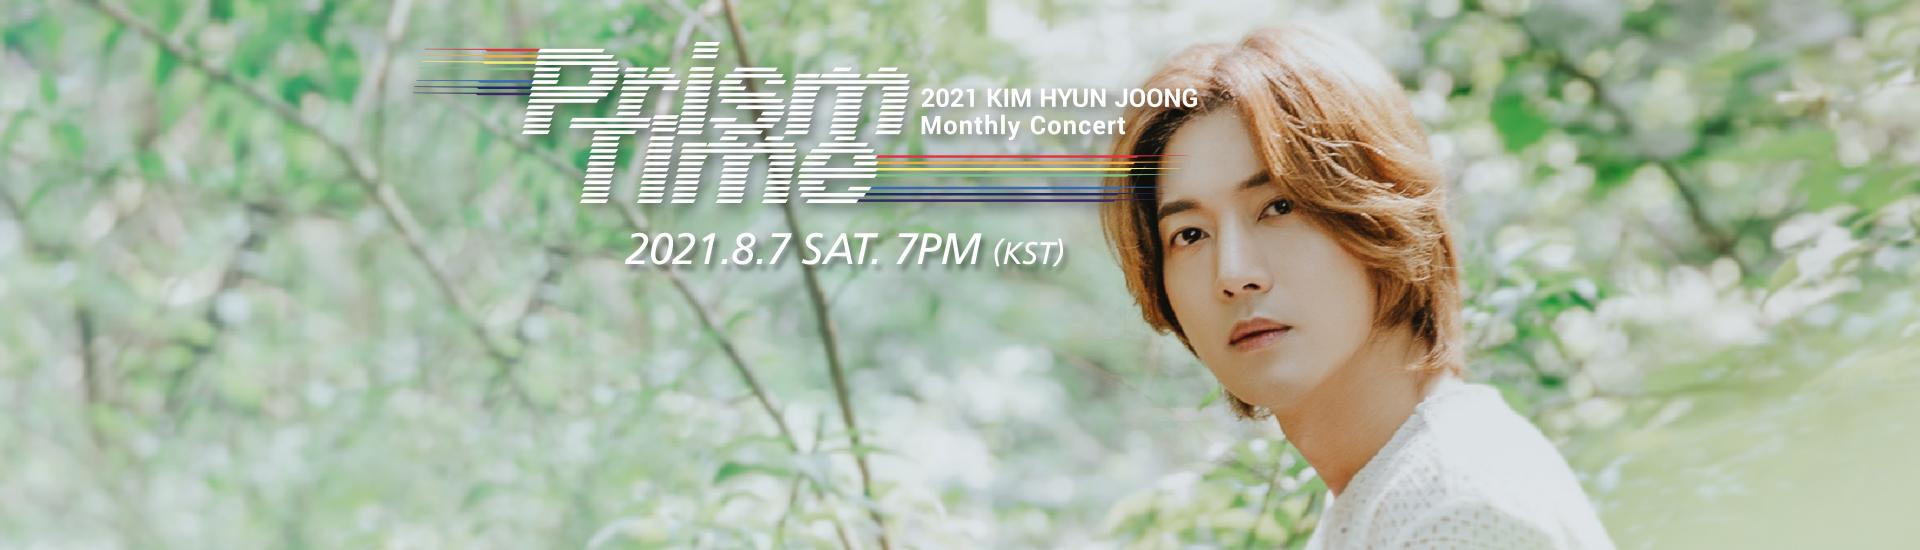 Kim Hyun Joong - KIM HYUN JOONG Monthly Concert 'Prism Time' [Green]